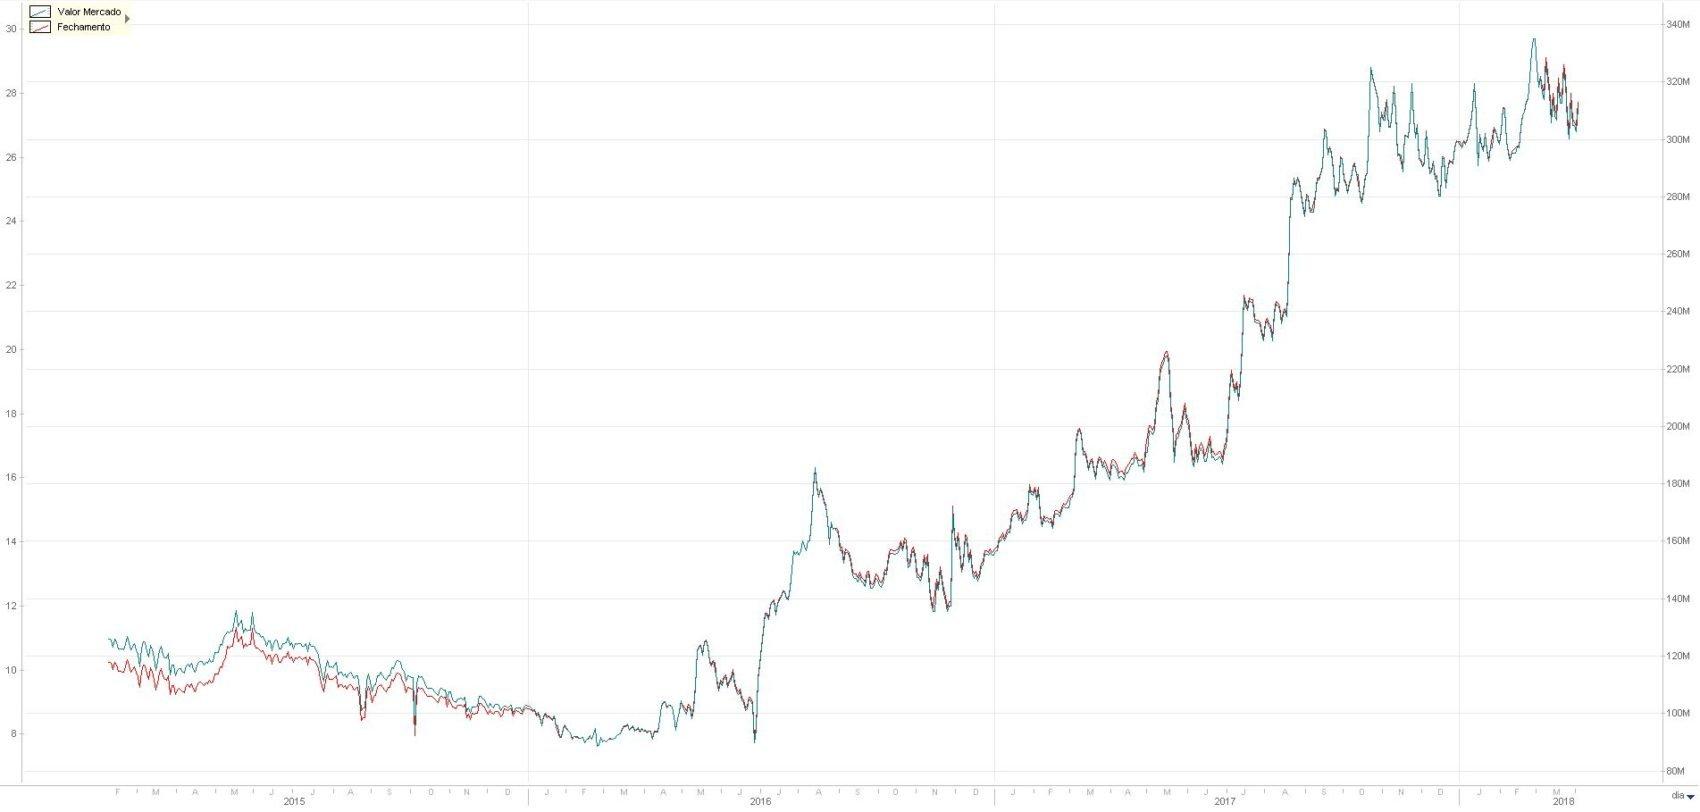 Valor de Mercado (azul) e Cotação (vermelho) da Senior Solutions - Economatica